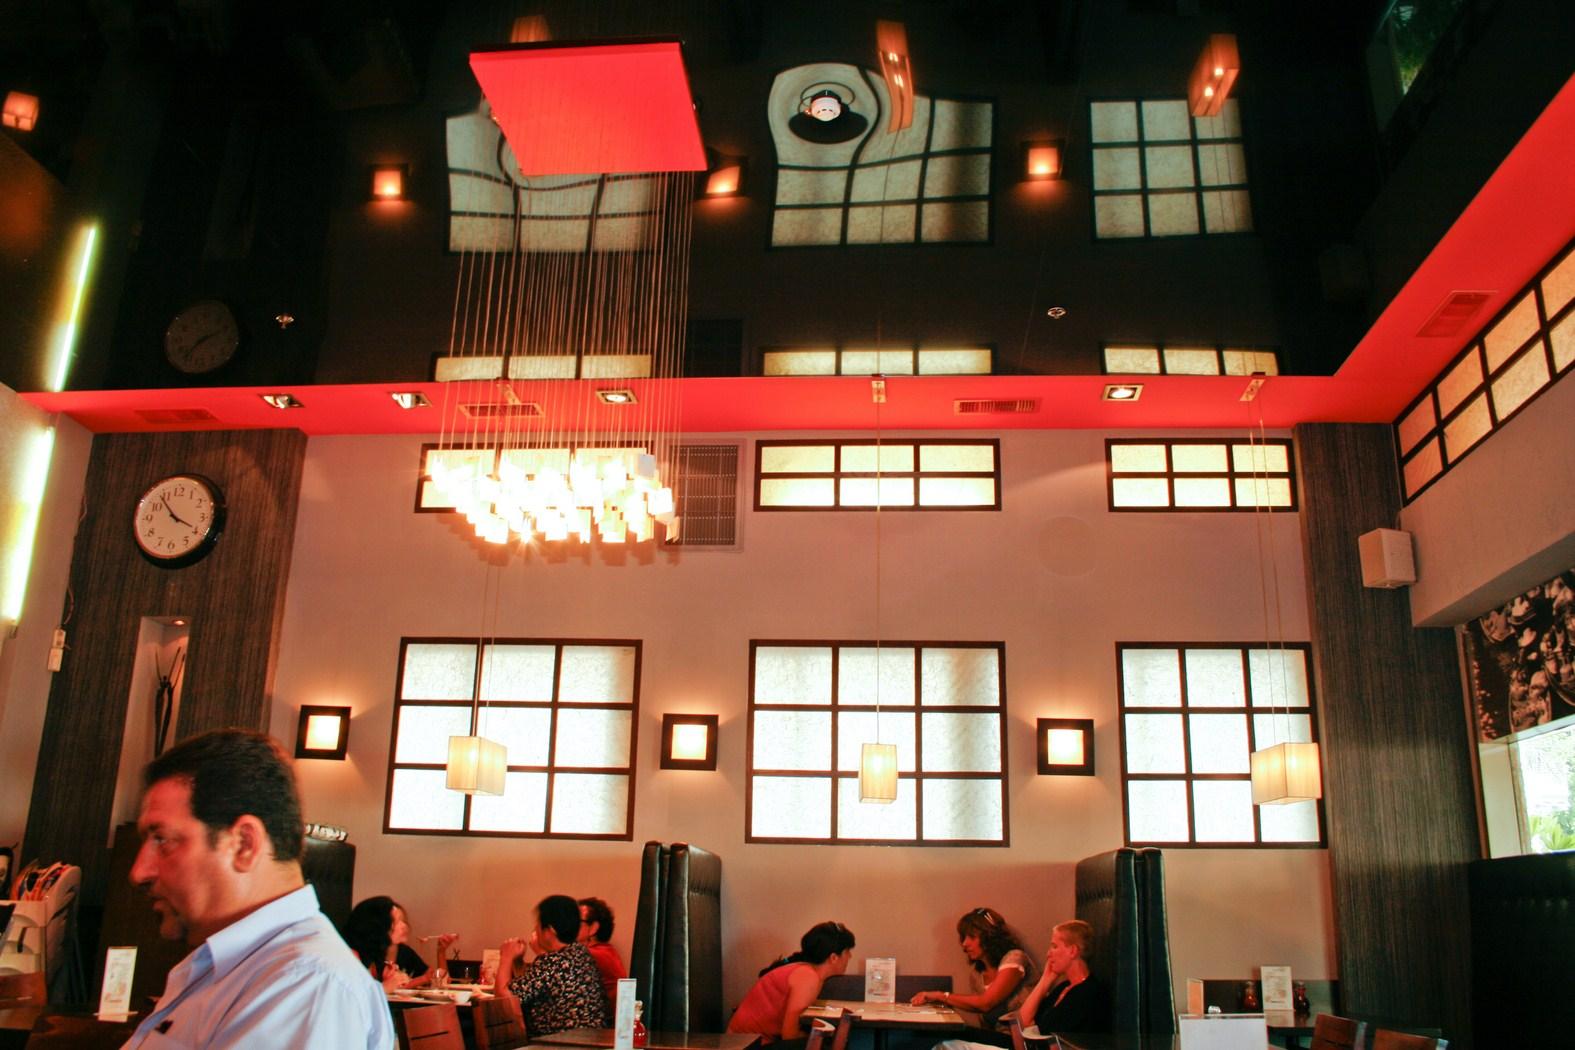 מסעדת למון גראס